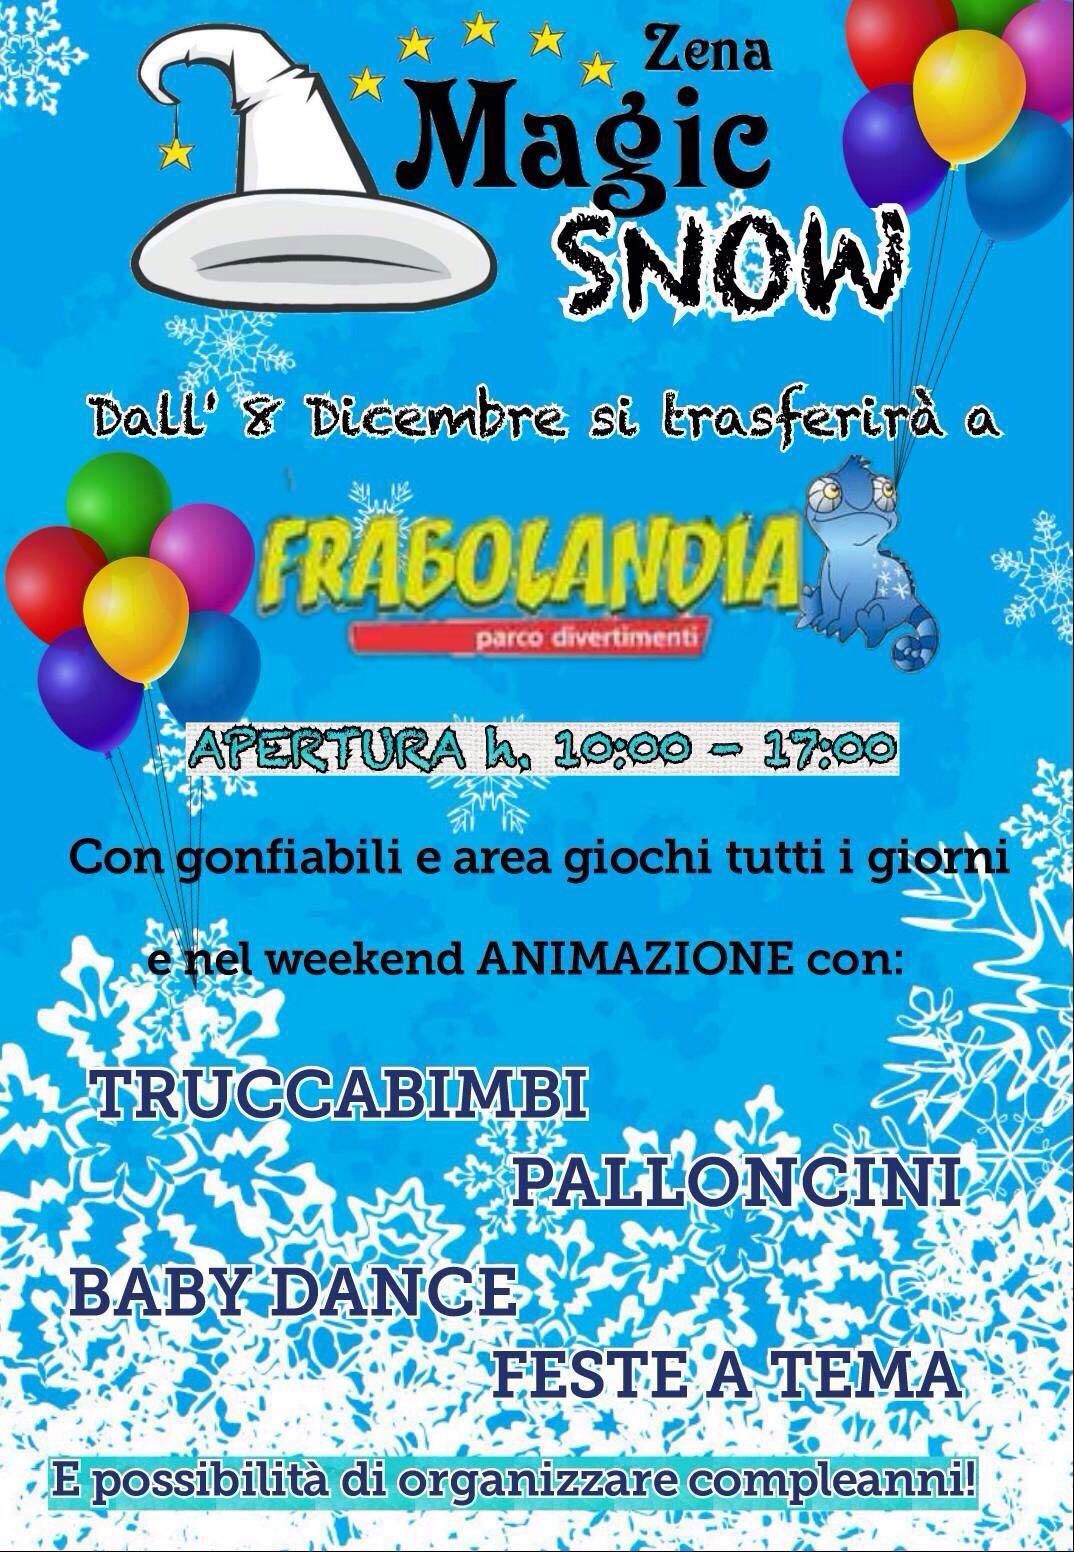 Frabolandia - Eventi Magic Zena Genova